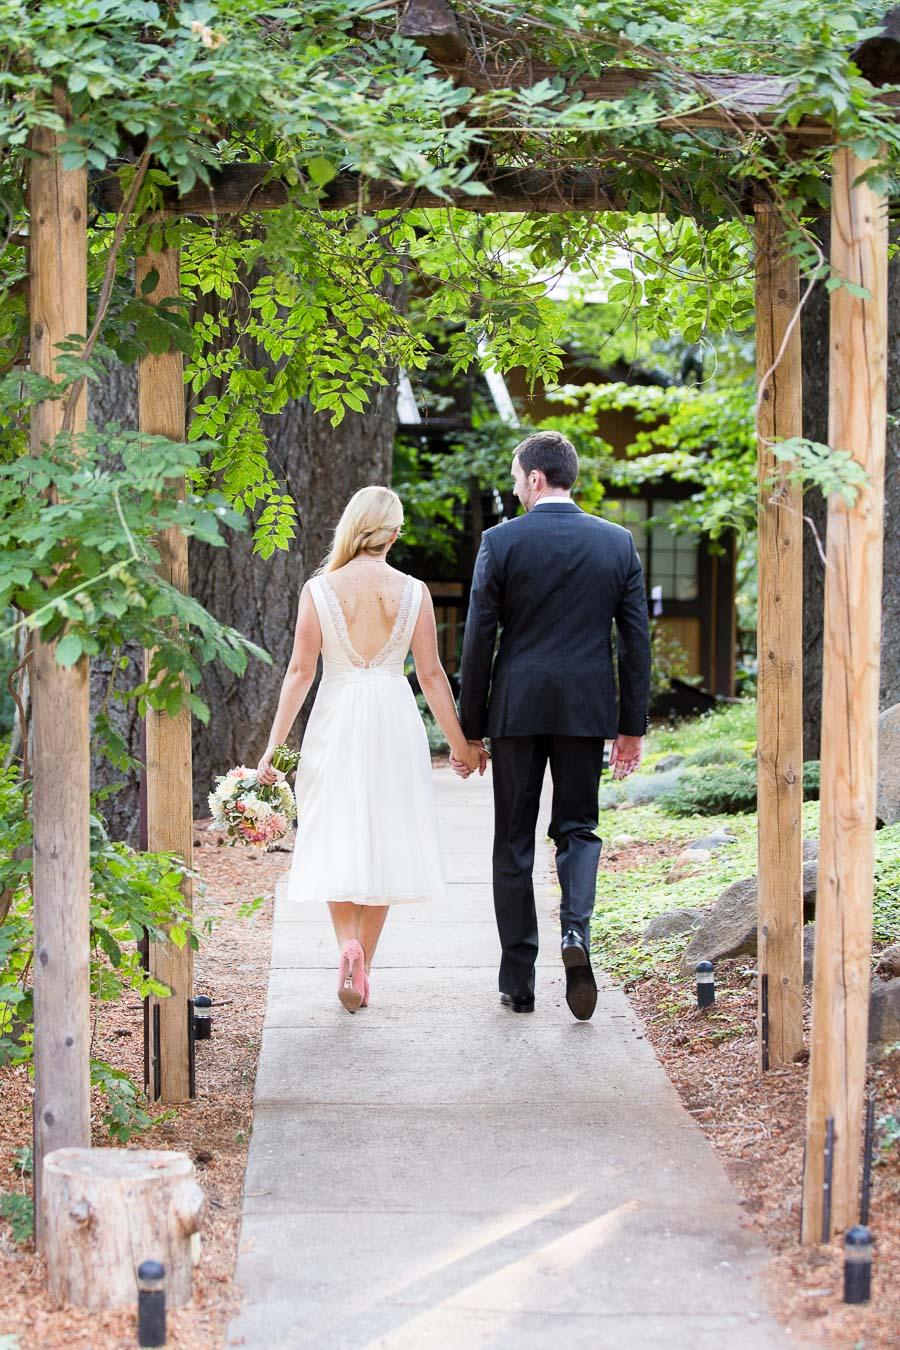 Wedding Portraits - Why I Hated Planning My Wedding